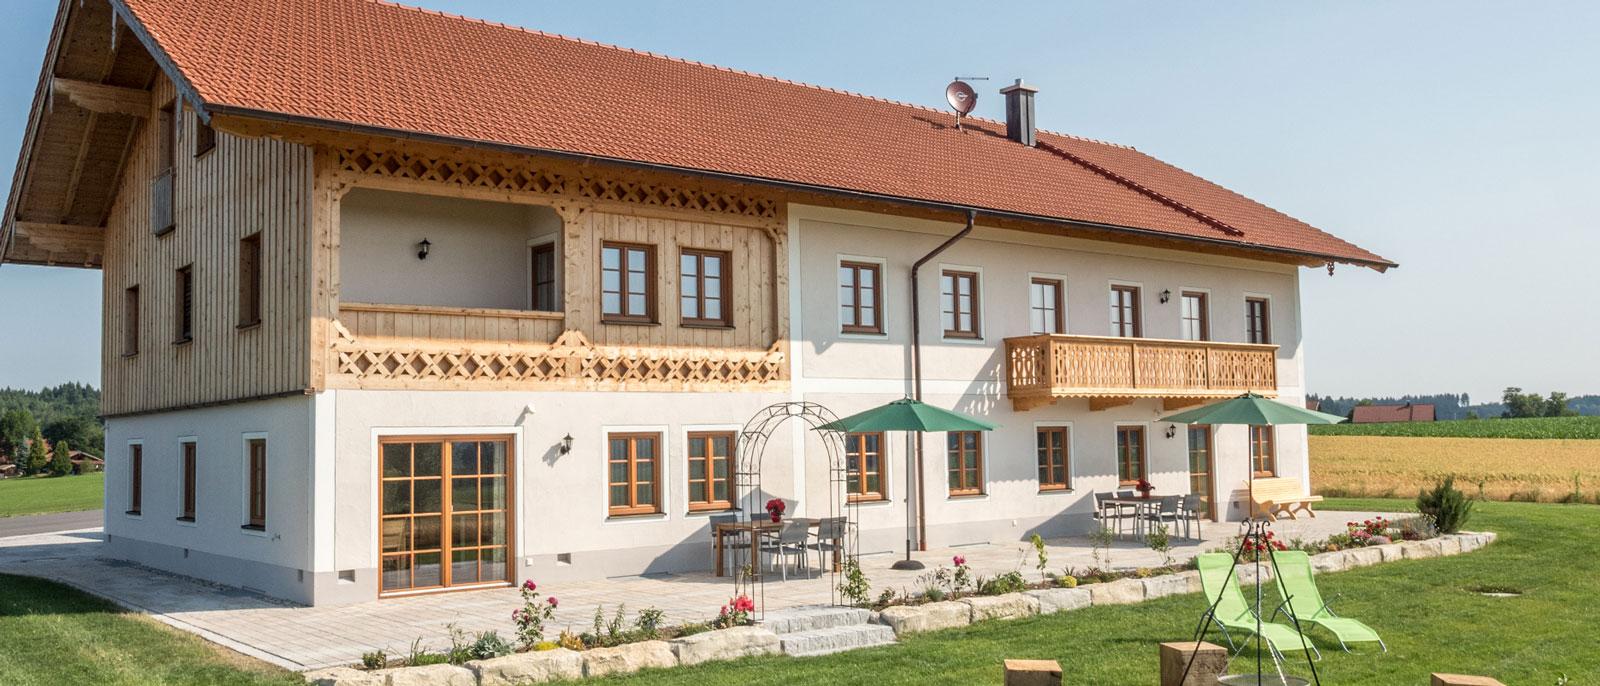 Ferienwohnung im Chiemgau.